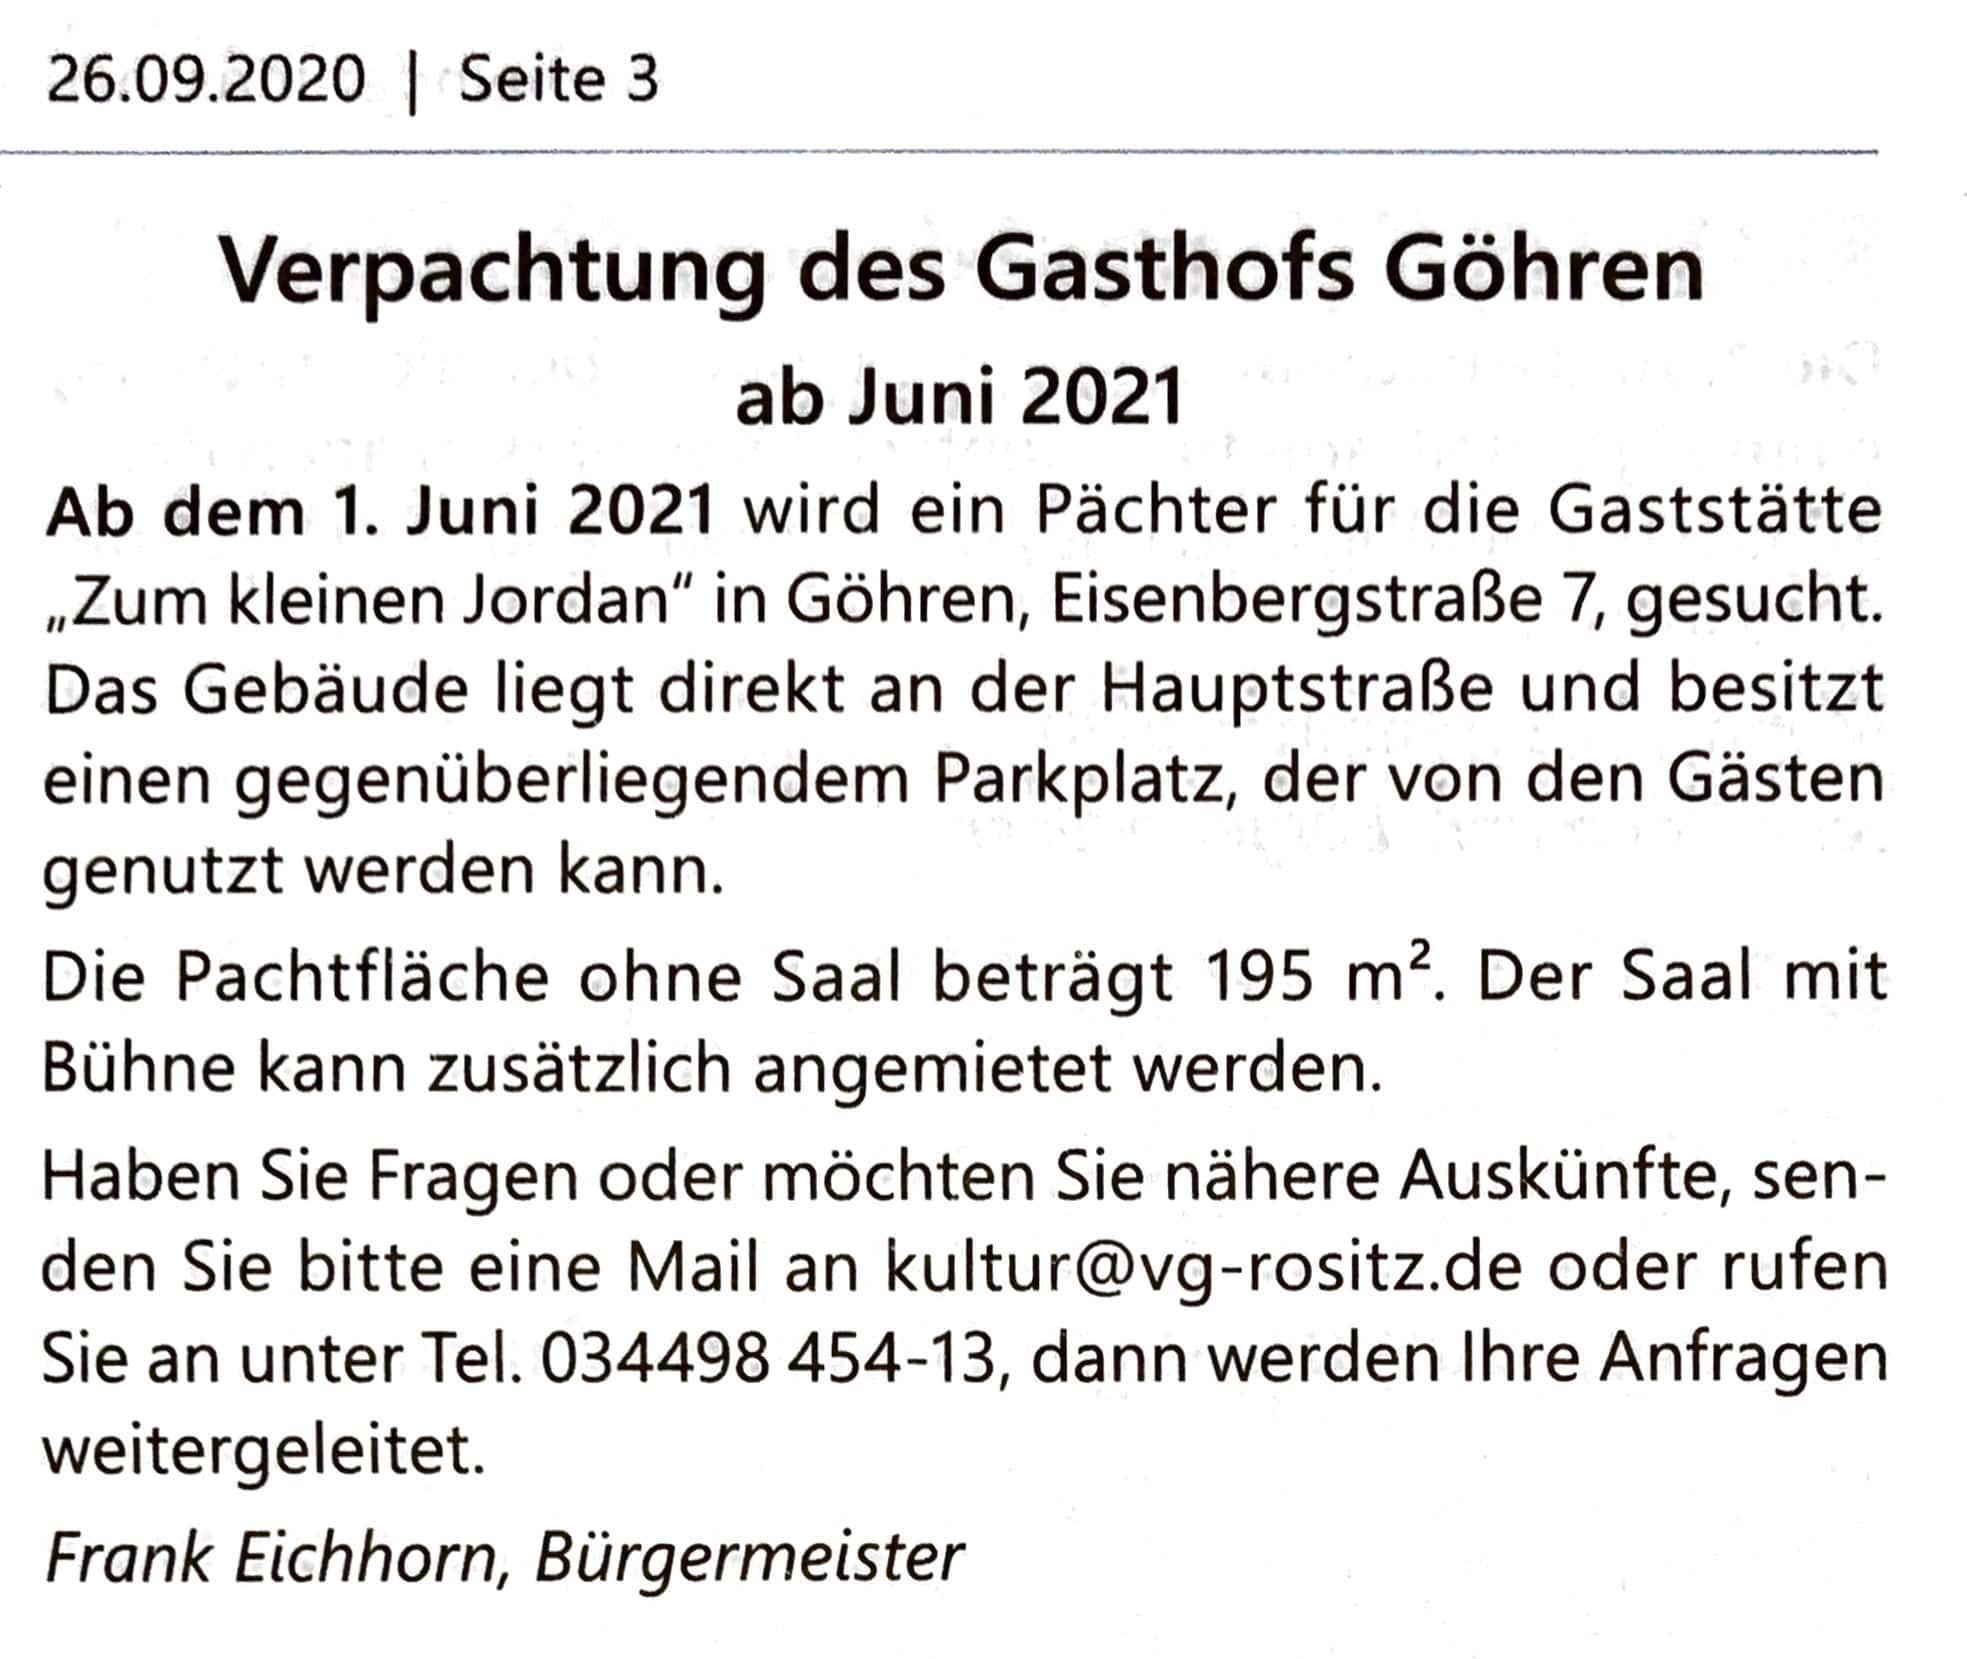 Pächter für Gasthof in Göhren gesucht!